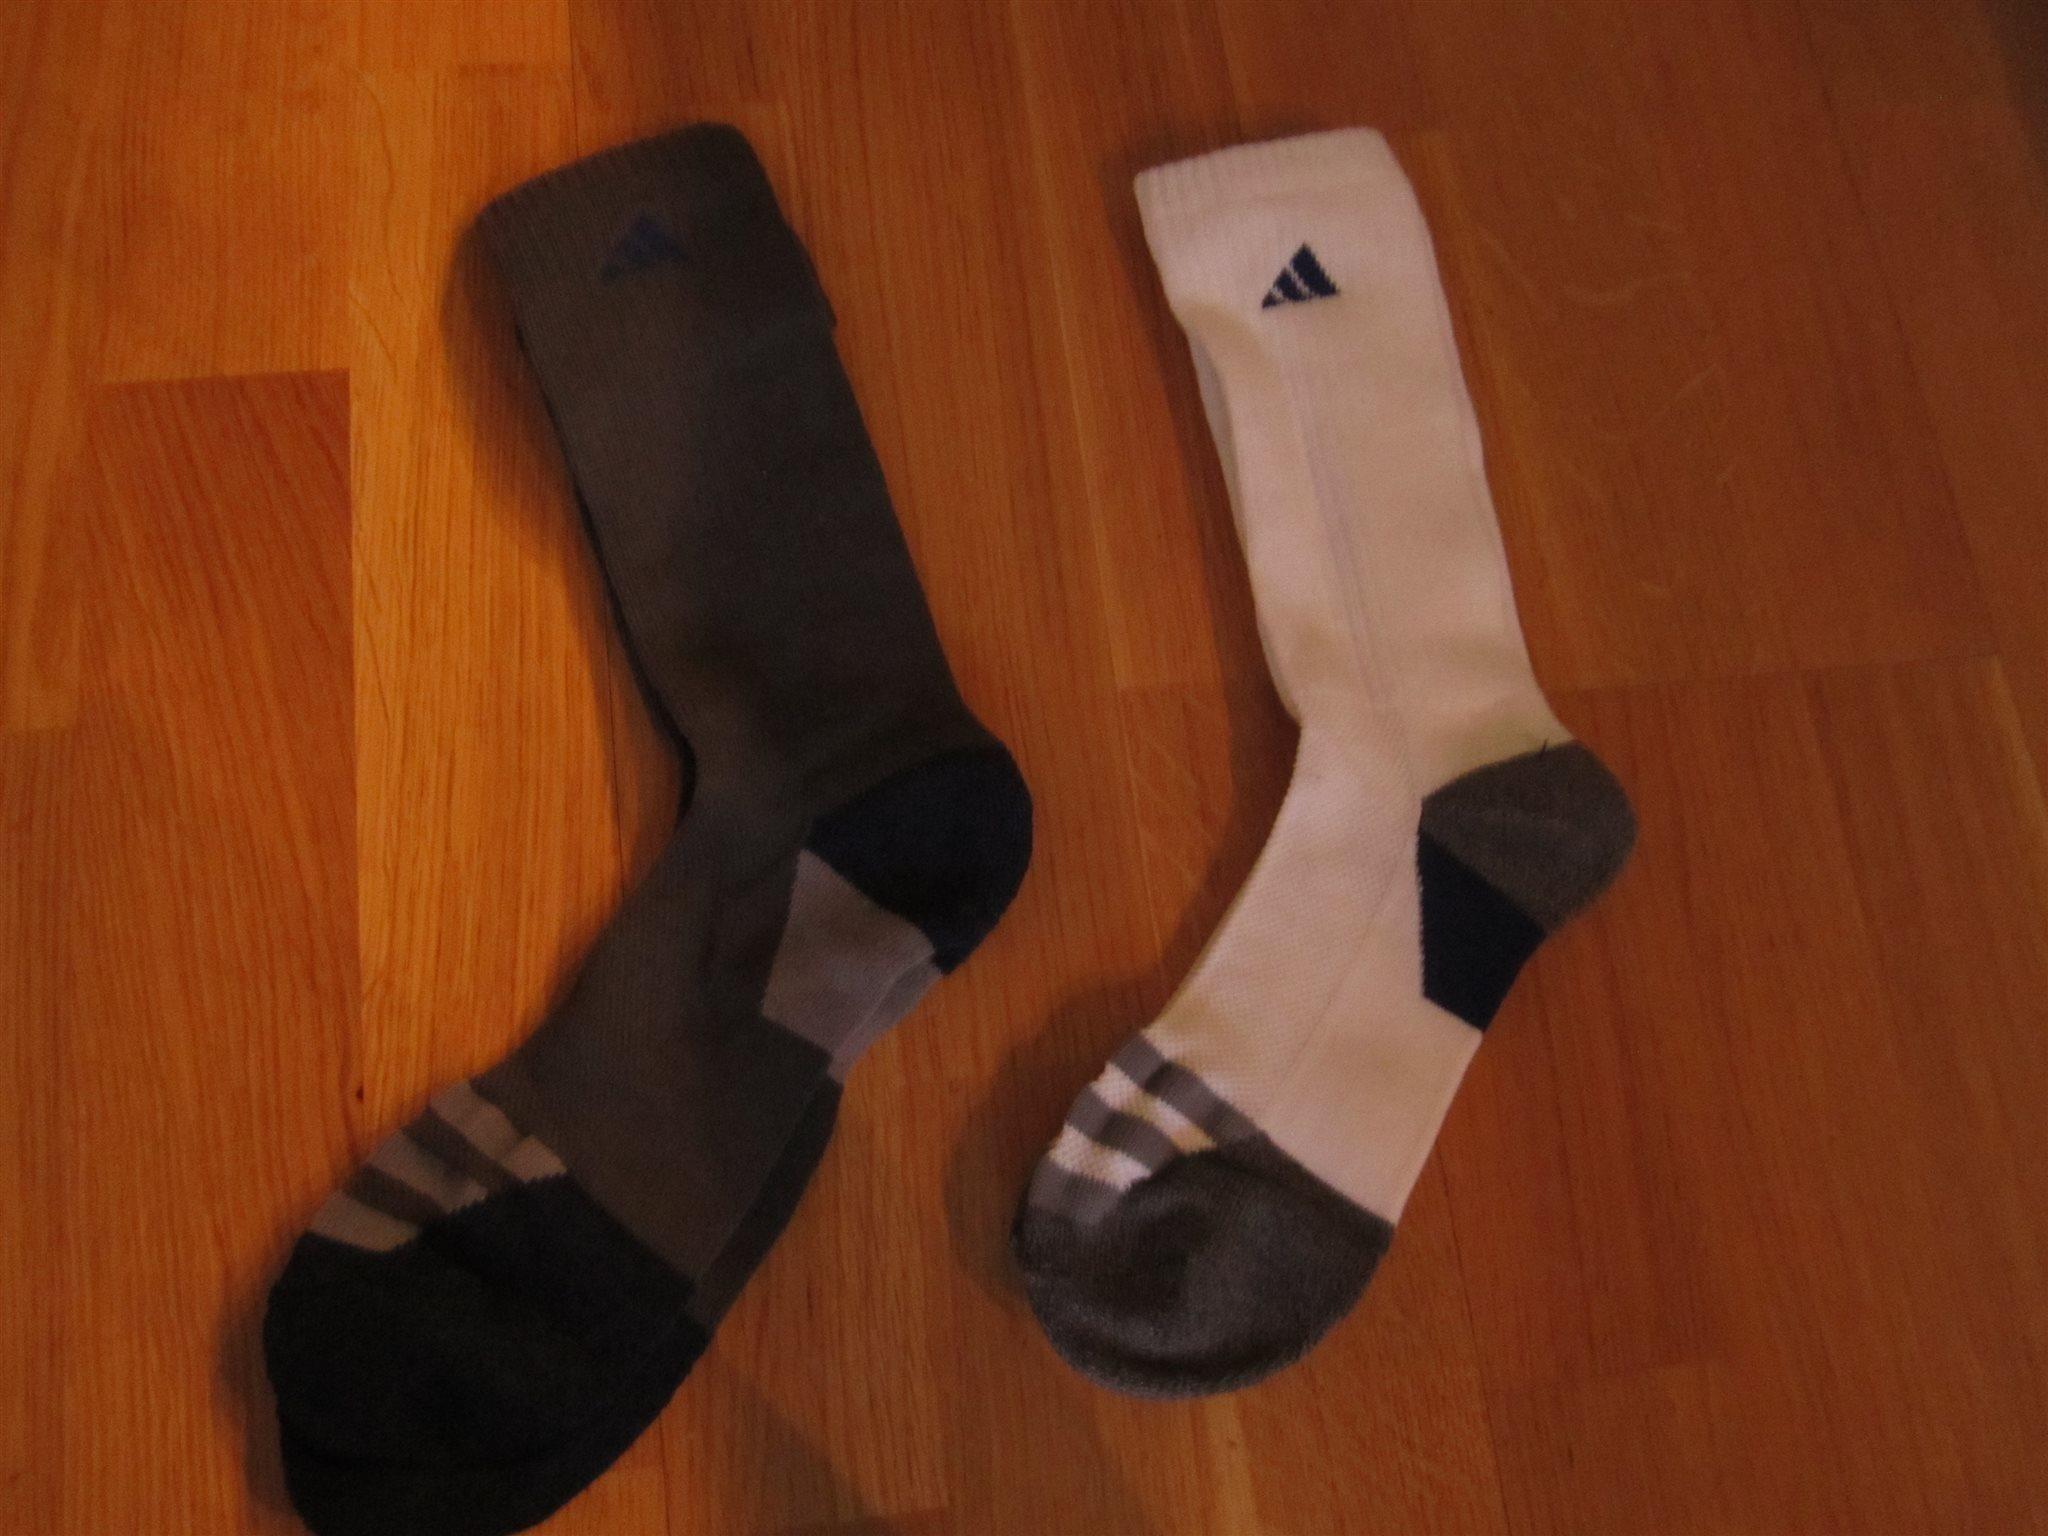 Adidas herr strumpor. Nya. 2 par storlek 36-42. (339342131) ᐈ Köp ... 1051fa89076f8